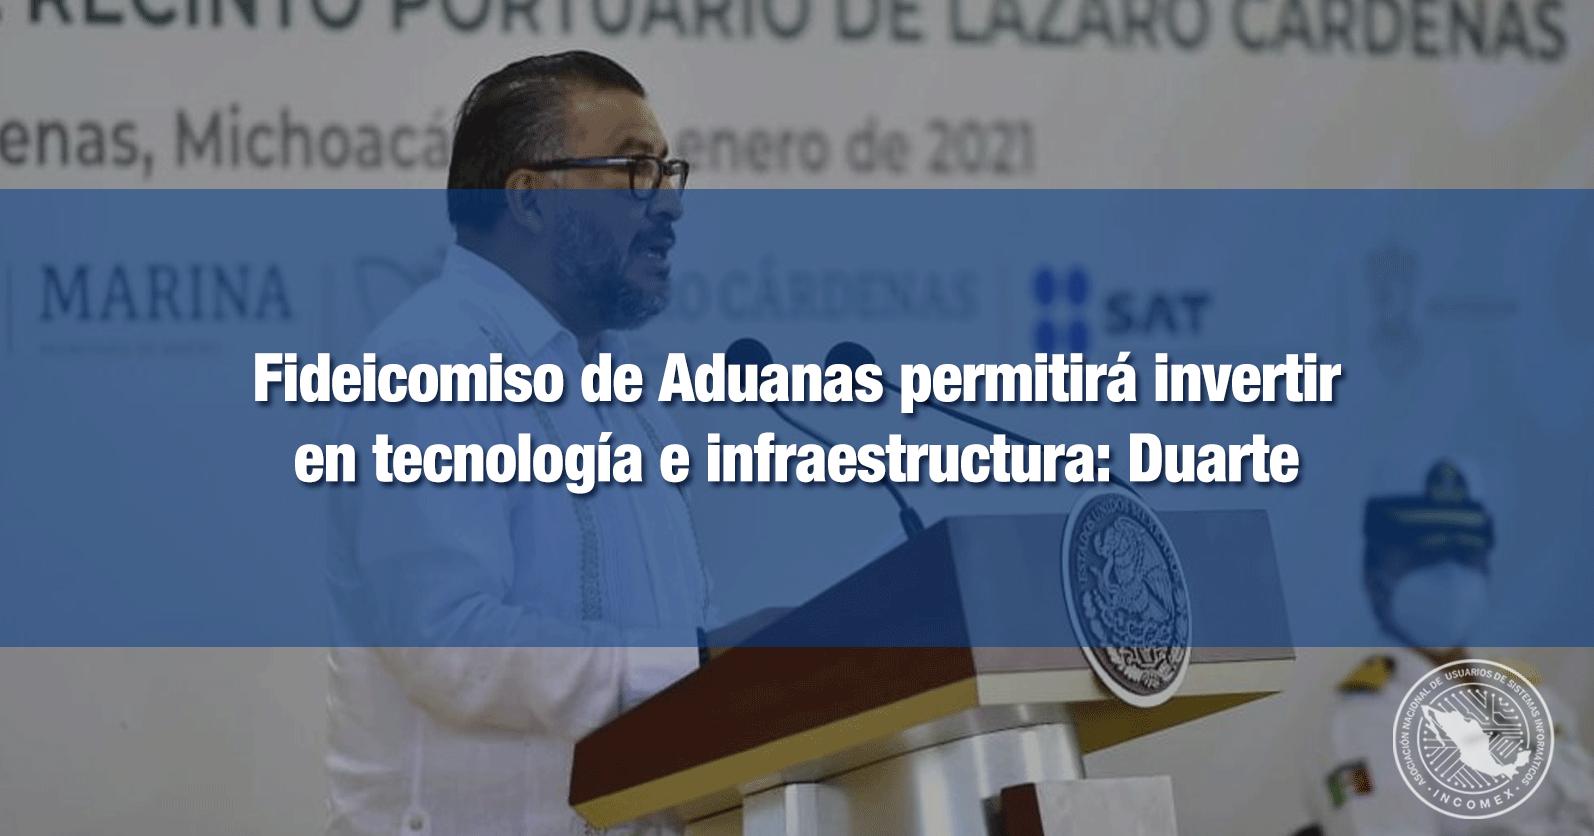 Fideicomiso de Aduanas permitirá invertir en tecnología e infraestructura: Horacio Duarte